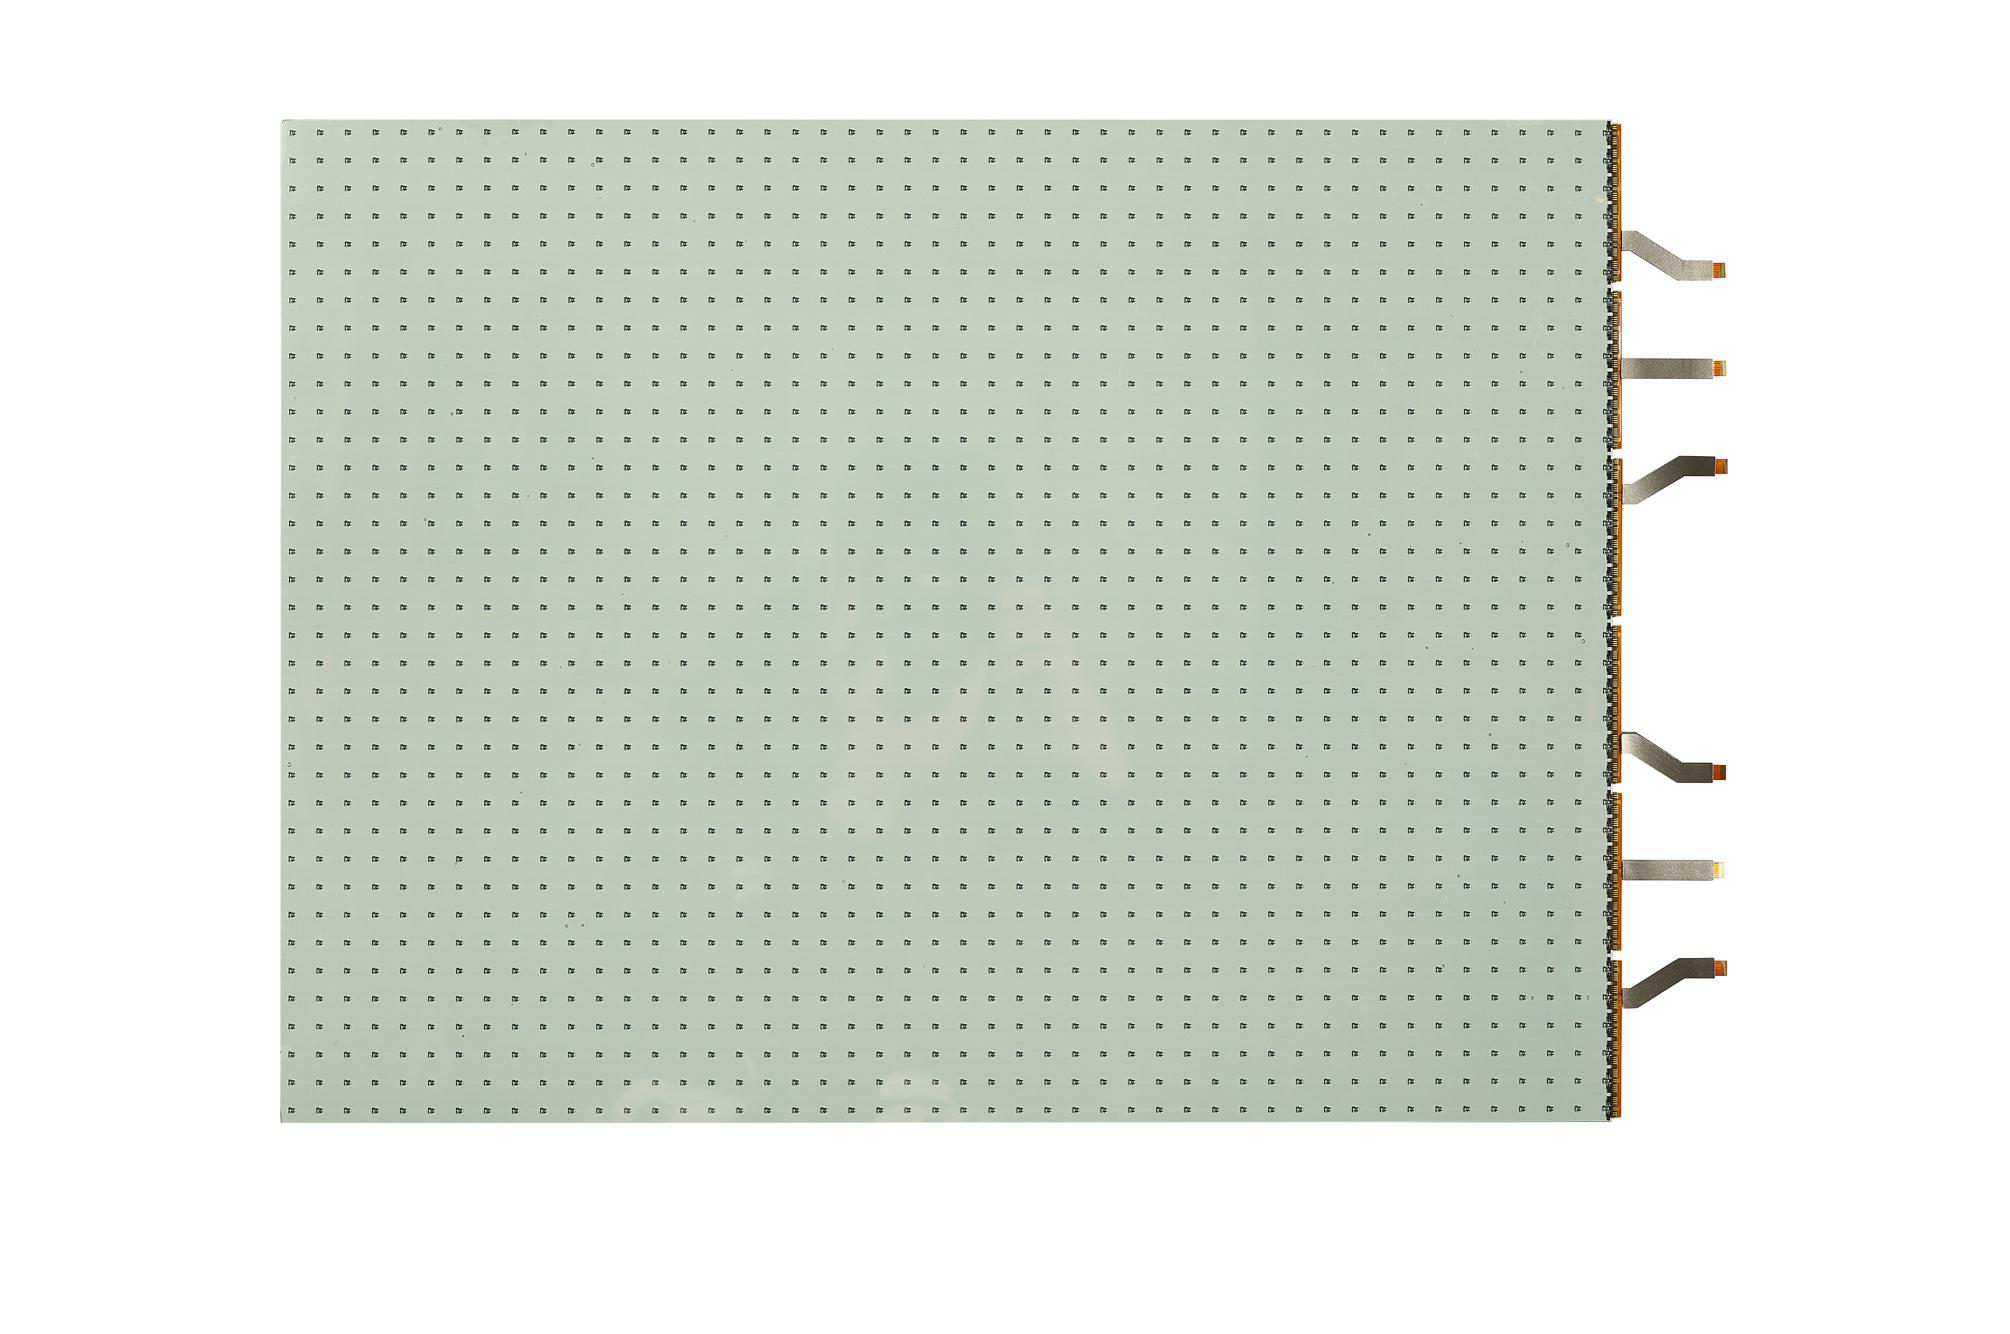 LG Transparent LED Film LAT140 4